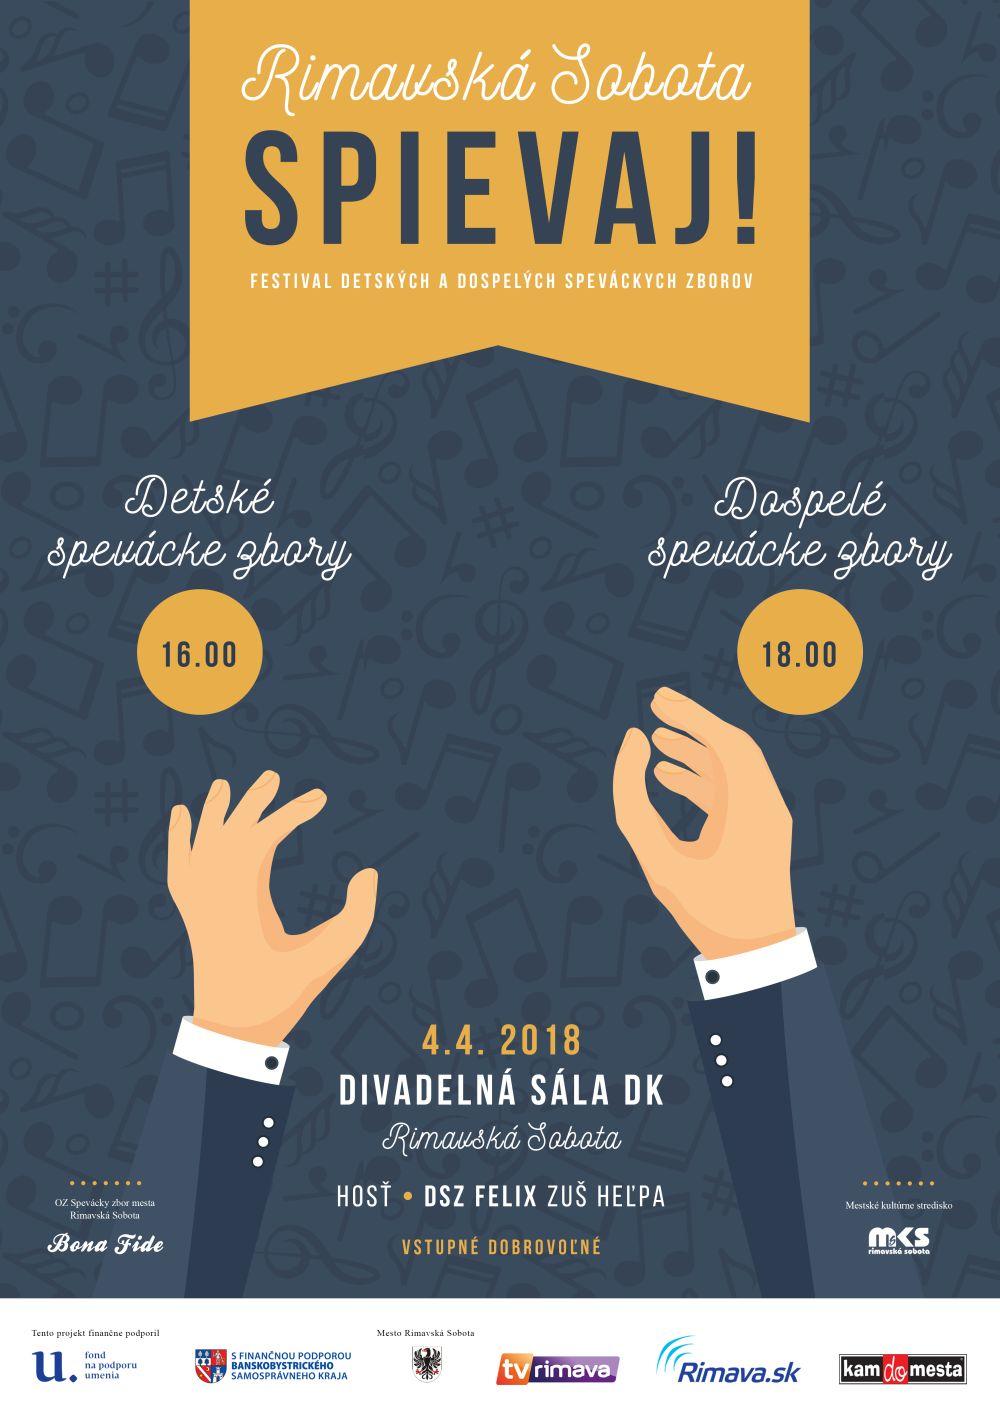 Rimavská Sobota spievaj! @ Divadelná sála Domu kultúry Rimavská Sobota | Slovensko